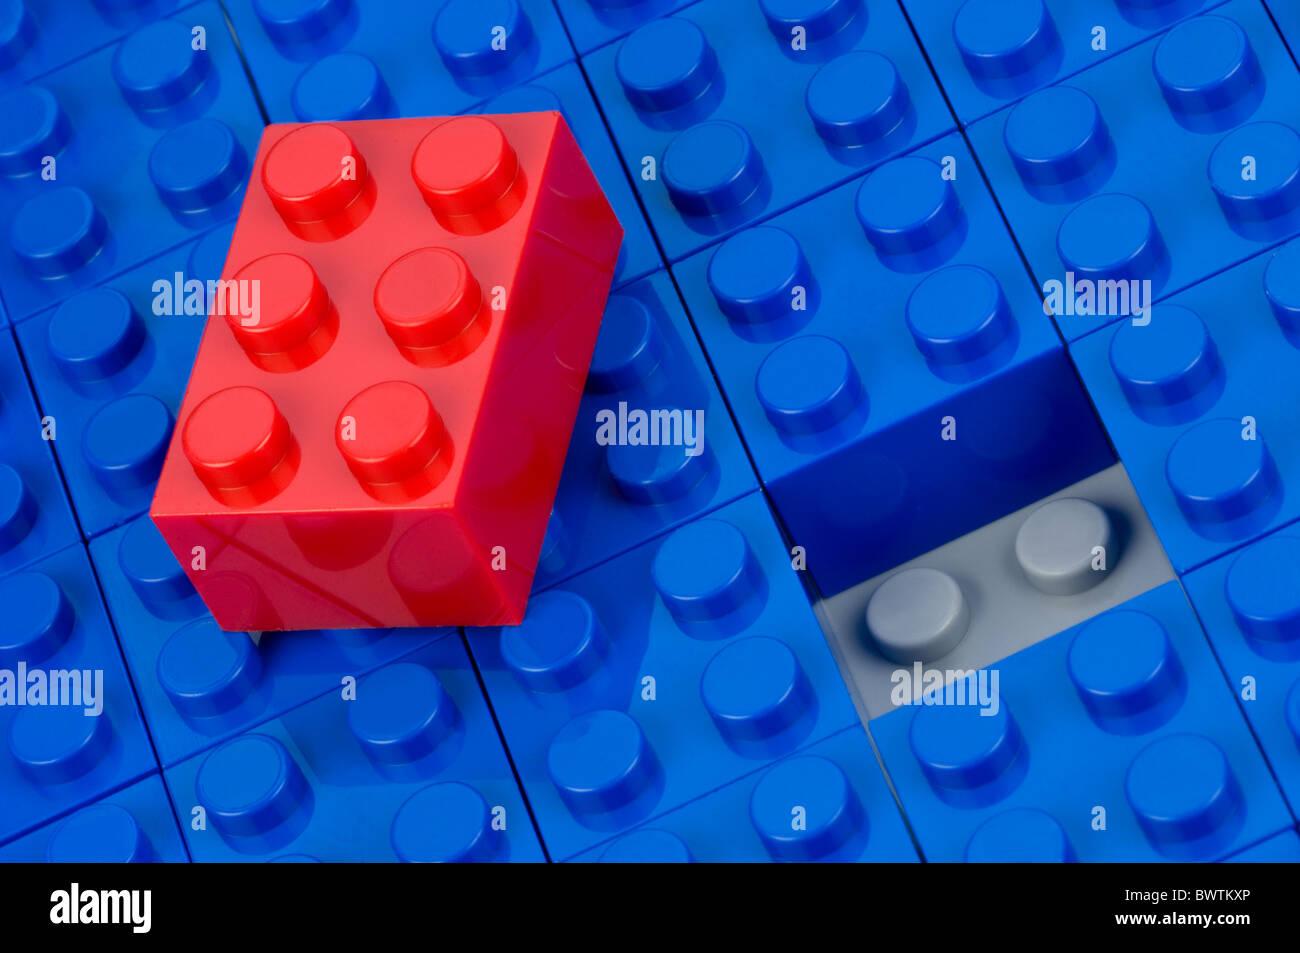 Building blocks for children - Stock Image